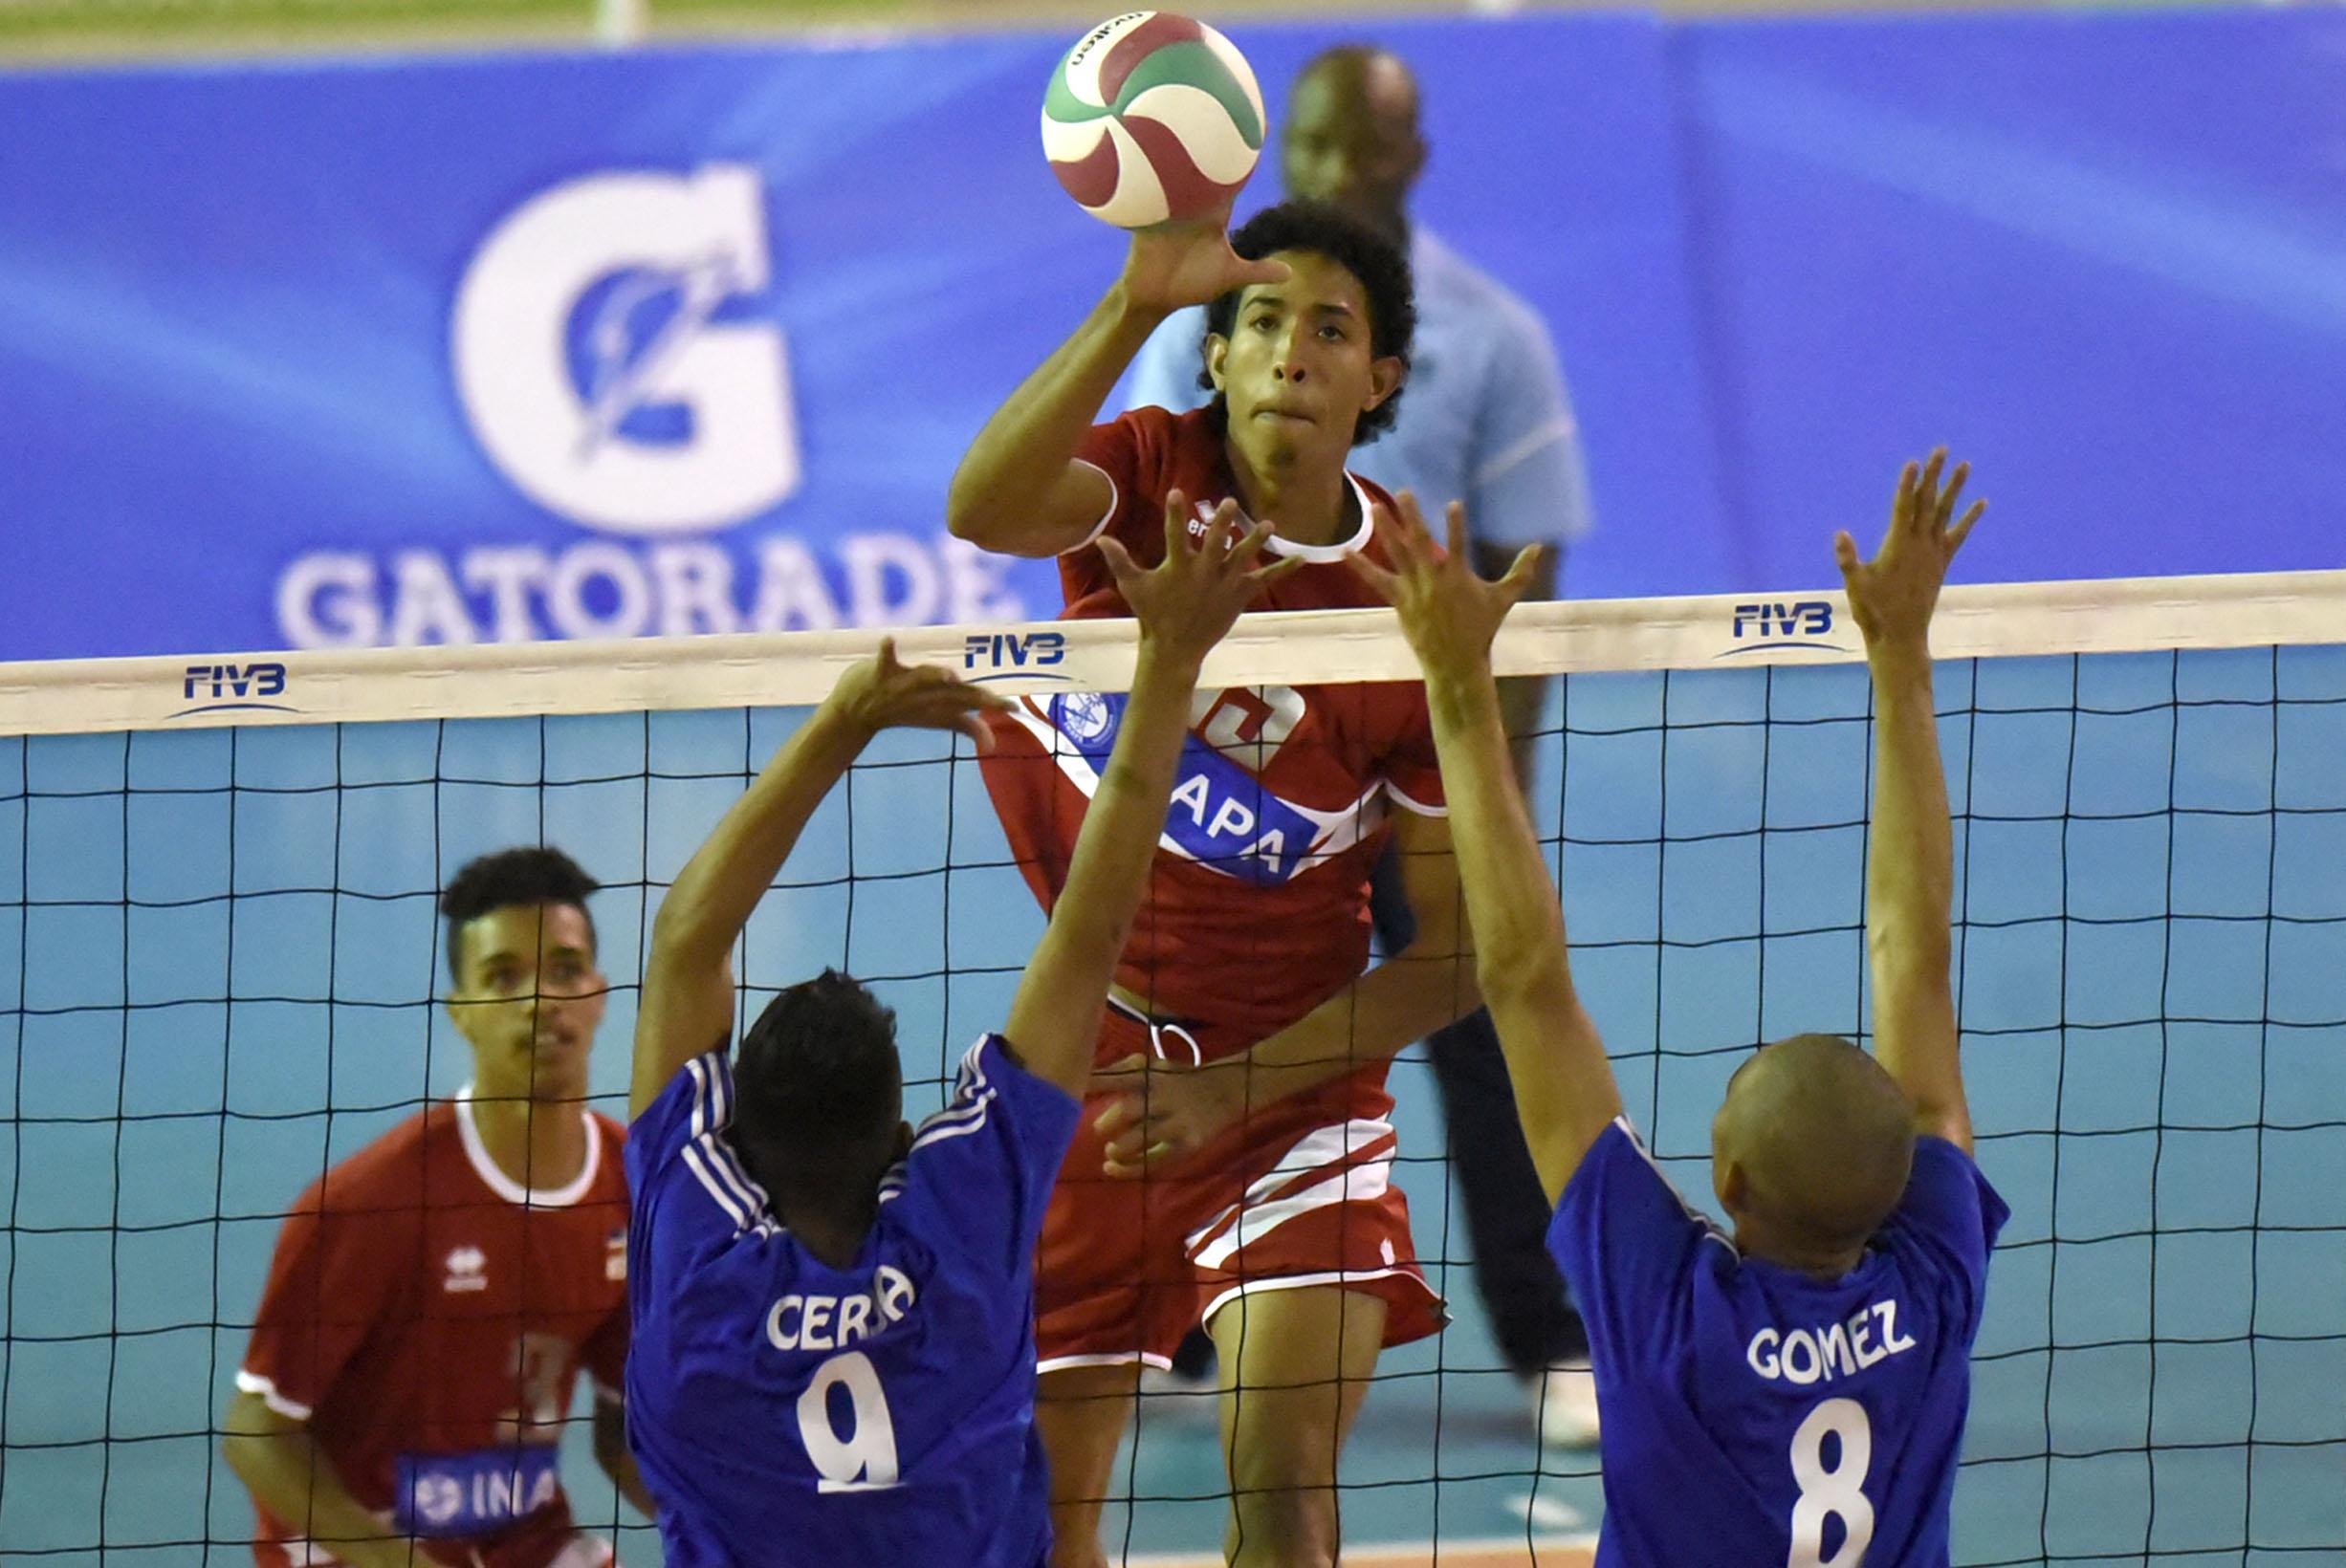 República Dominicana vence a Nicaragua en Panam de Voleibol Sub-19